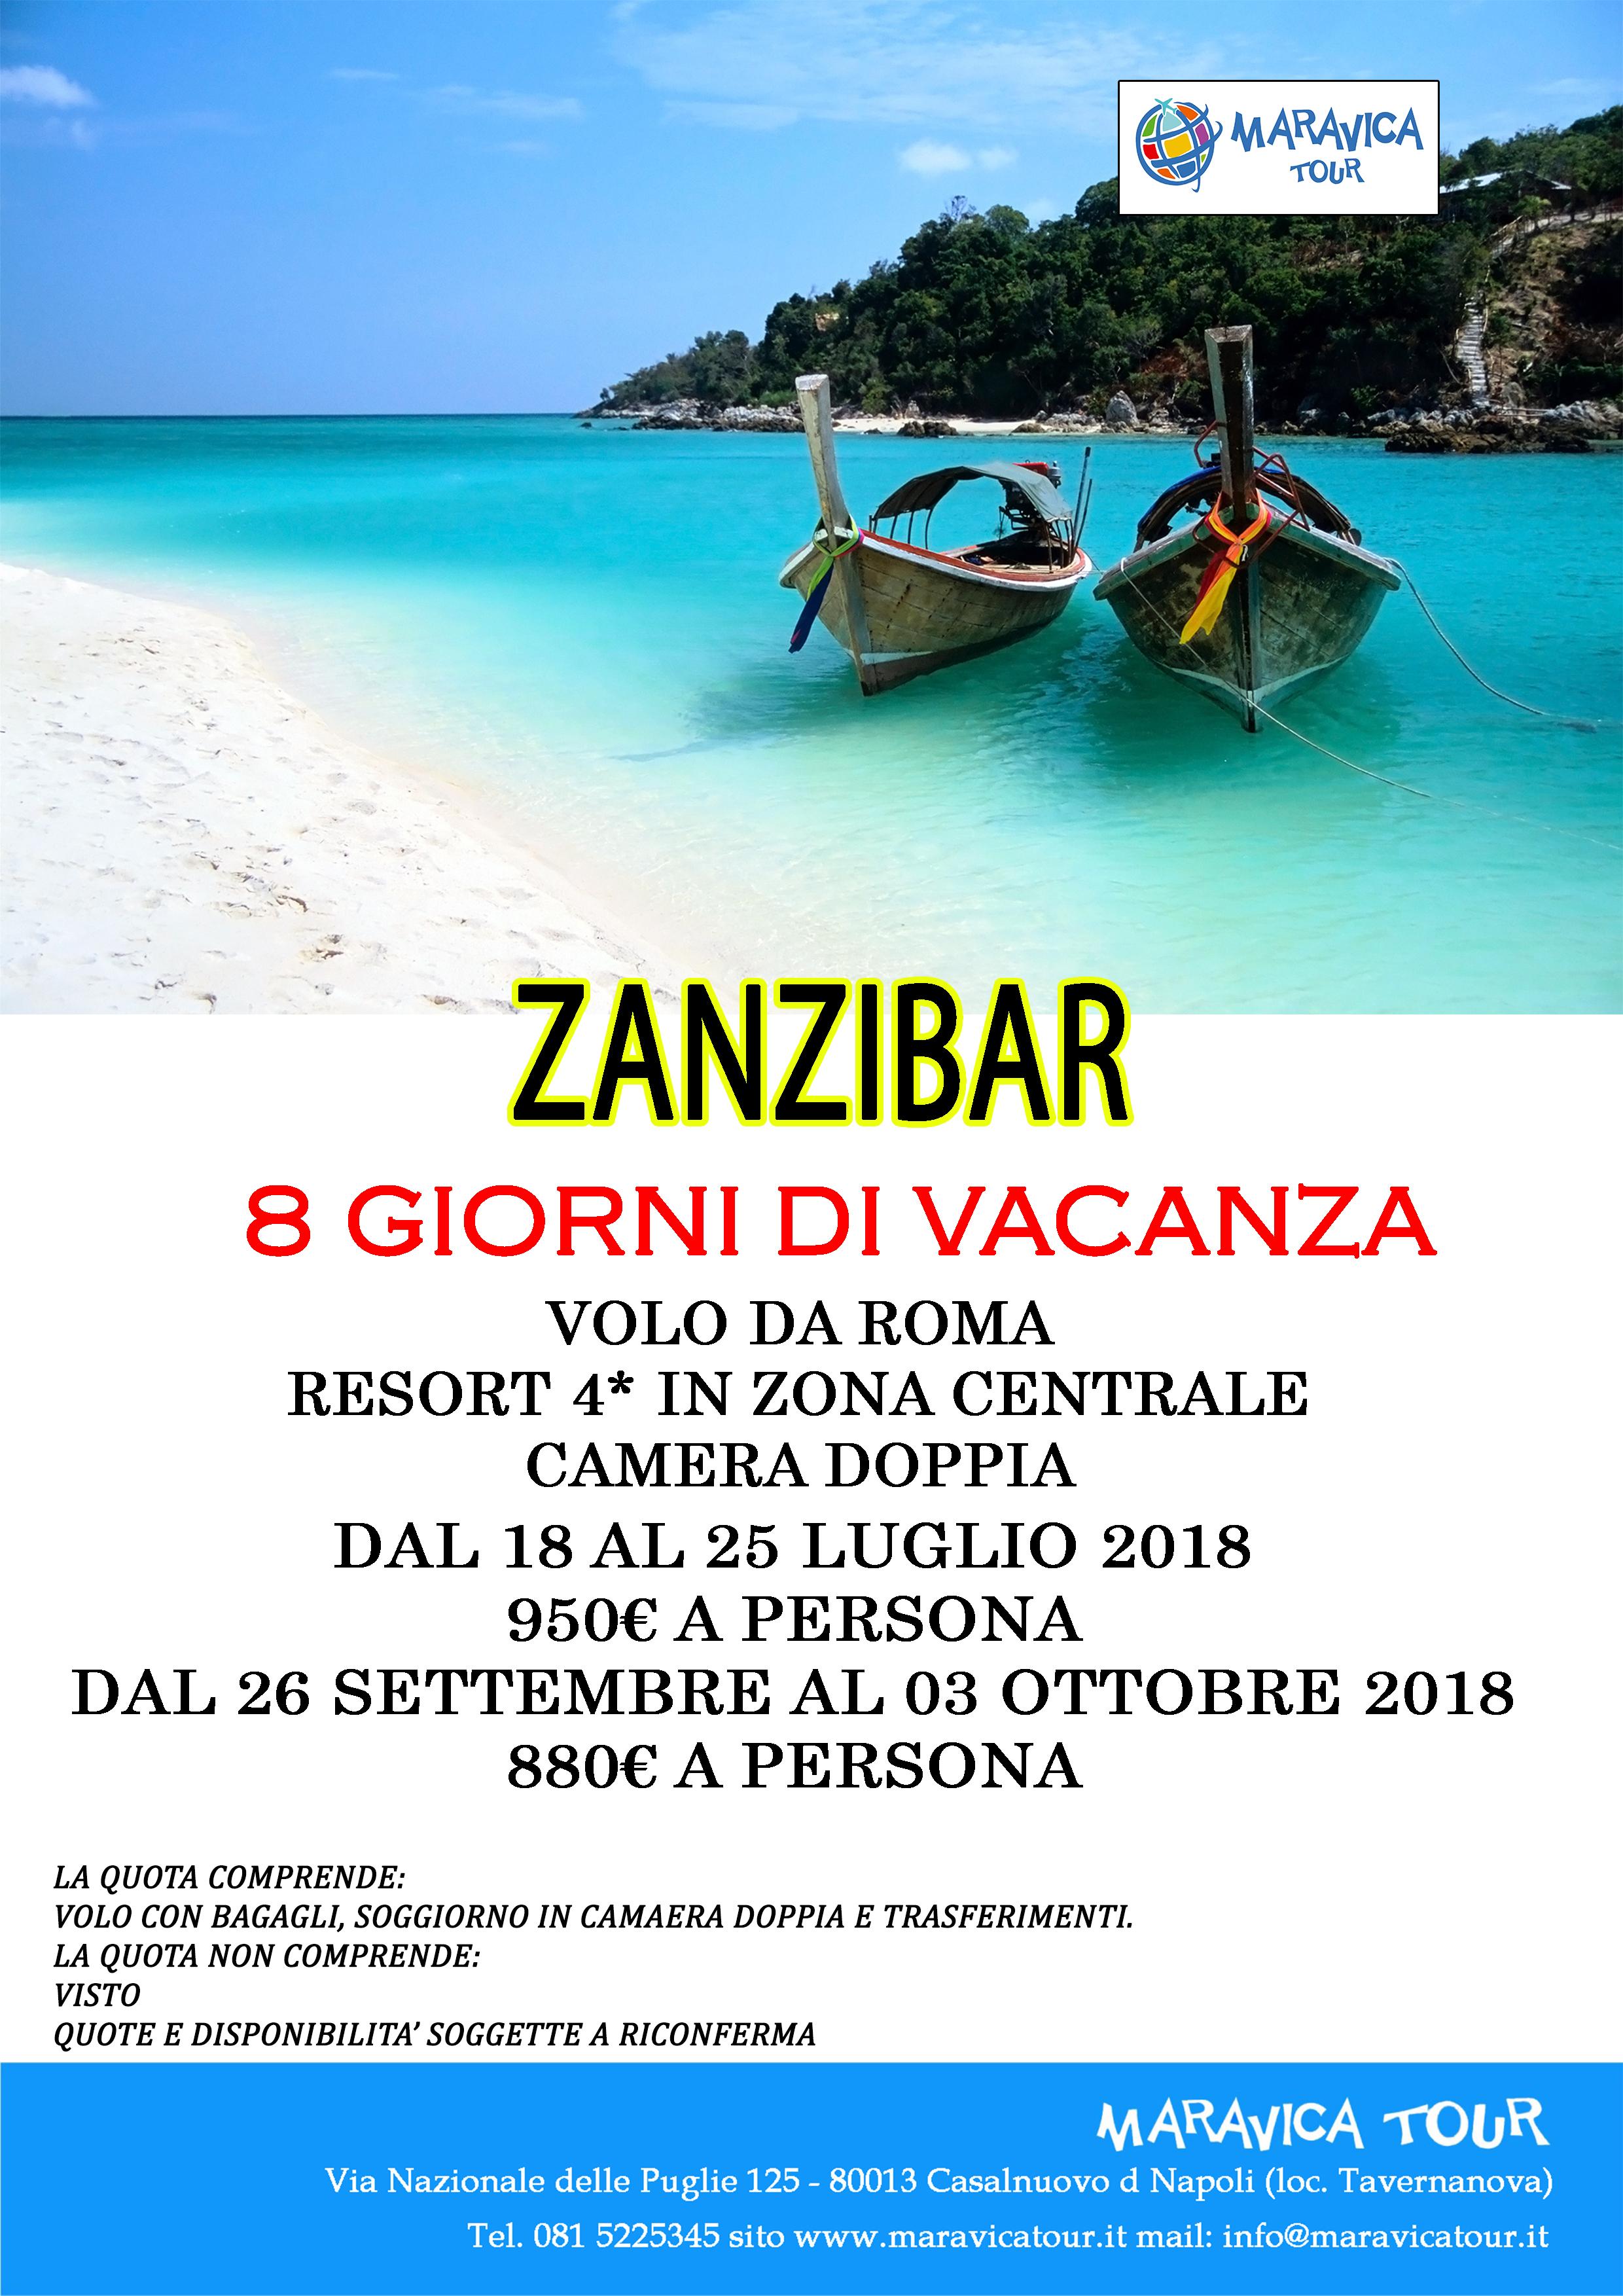 8 GIORNI DI VACANZA A ZANZIBAR DA 880 € – Maravica Tour – Agenzia ...